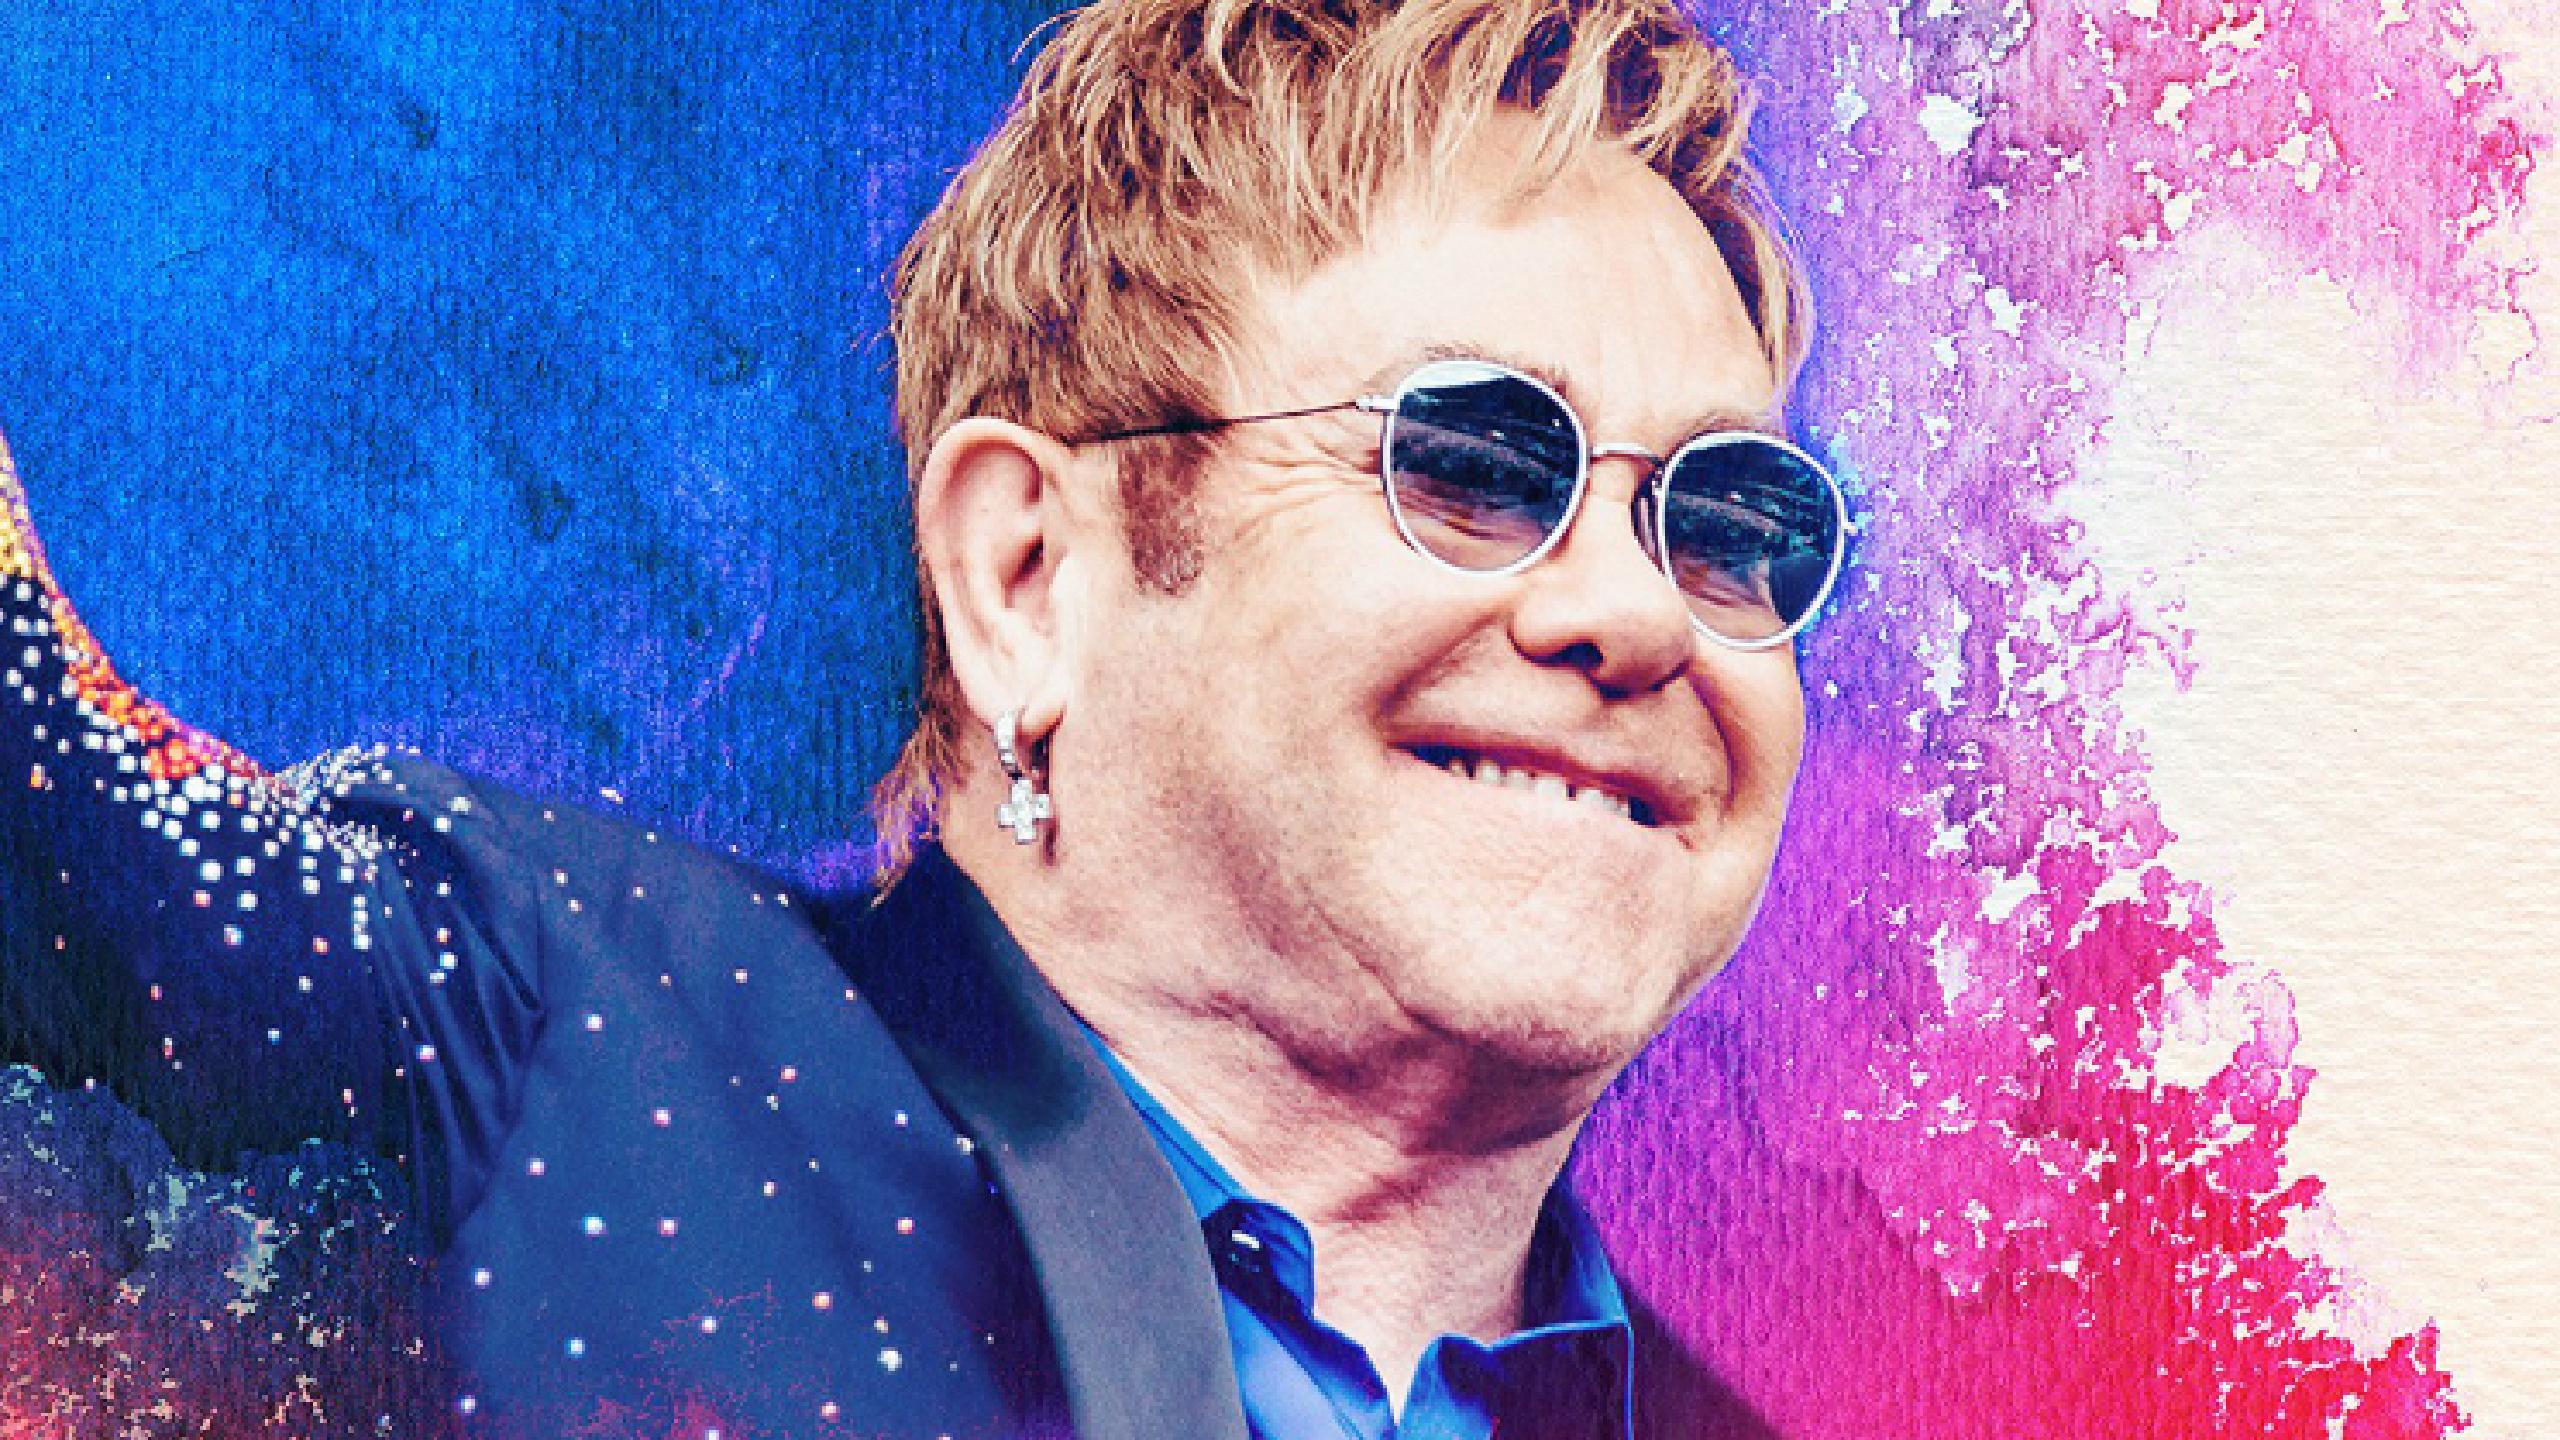 Elton John fechas de gira 2020 2021. Elton John entradas y conciertos | Wegow undefined